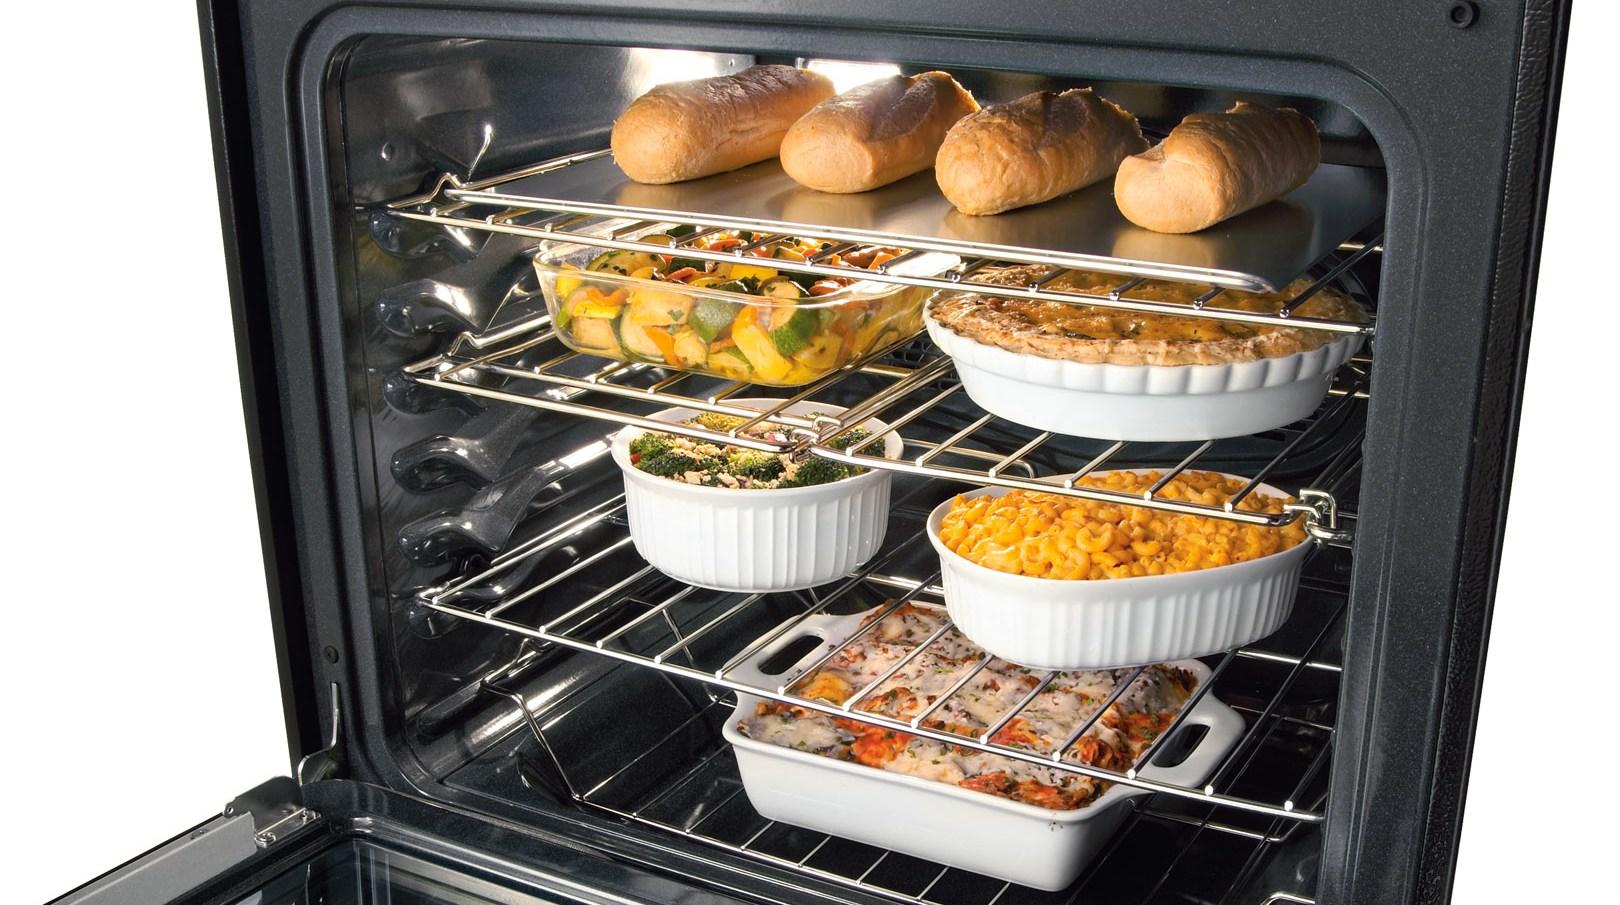 Еда в духовке